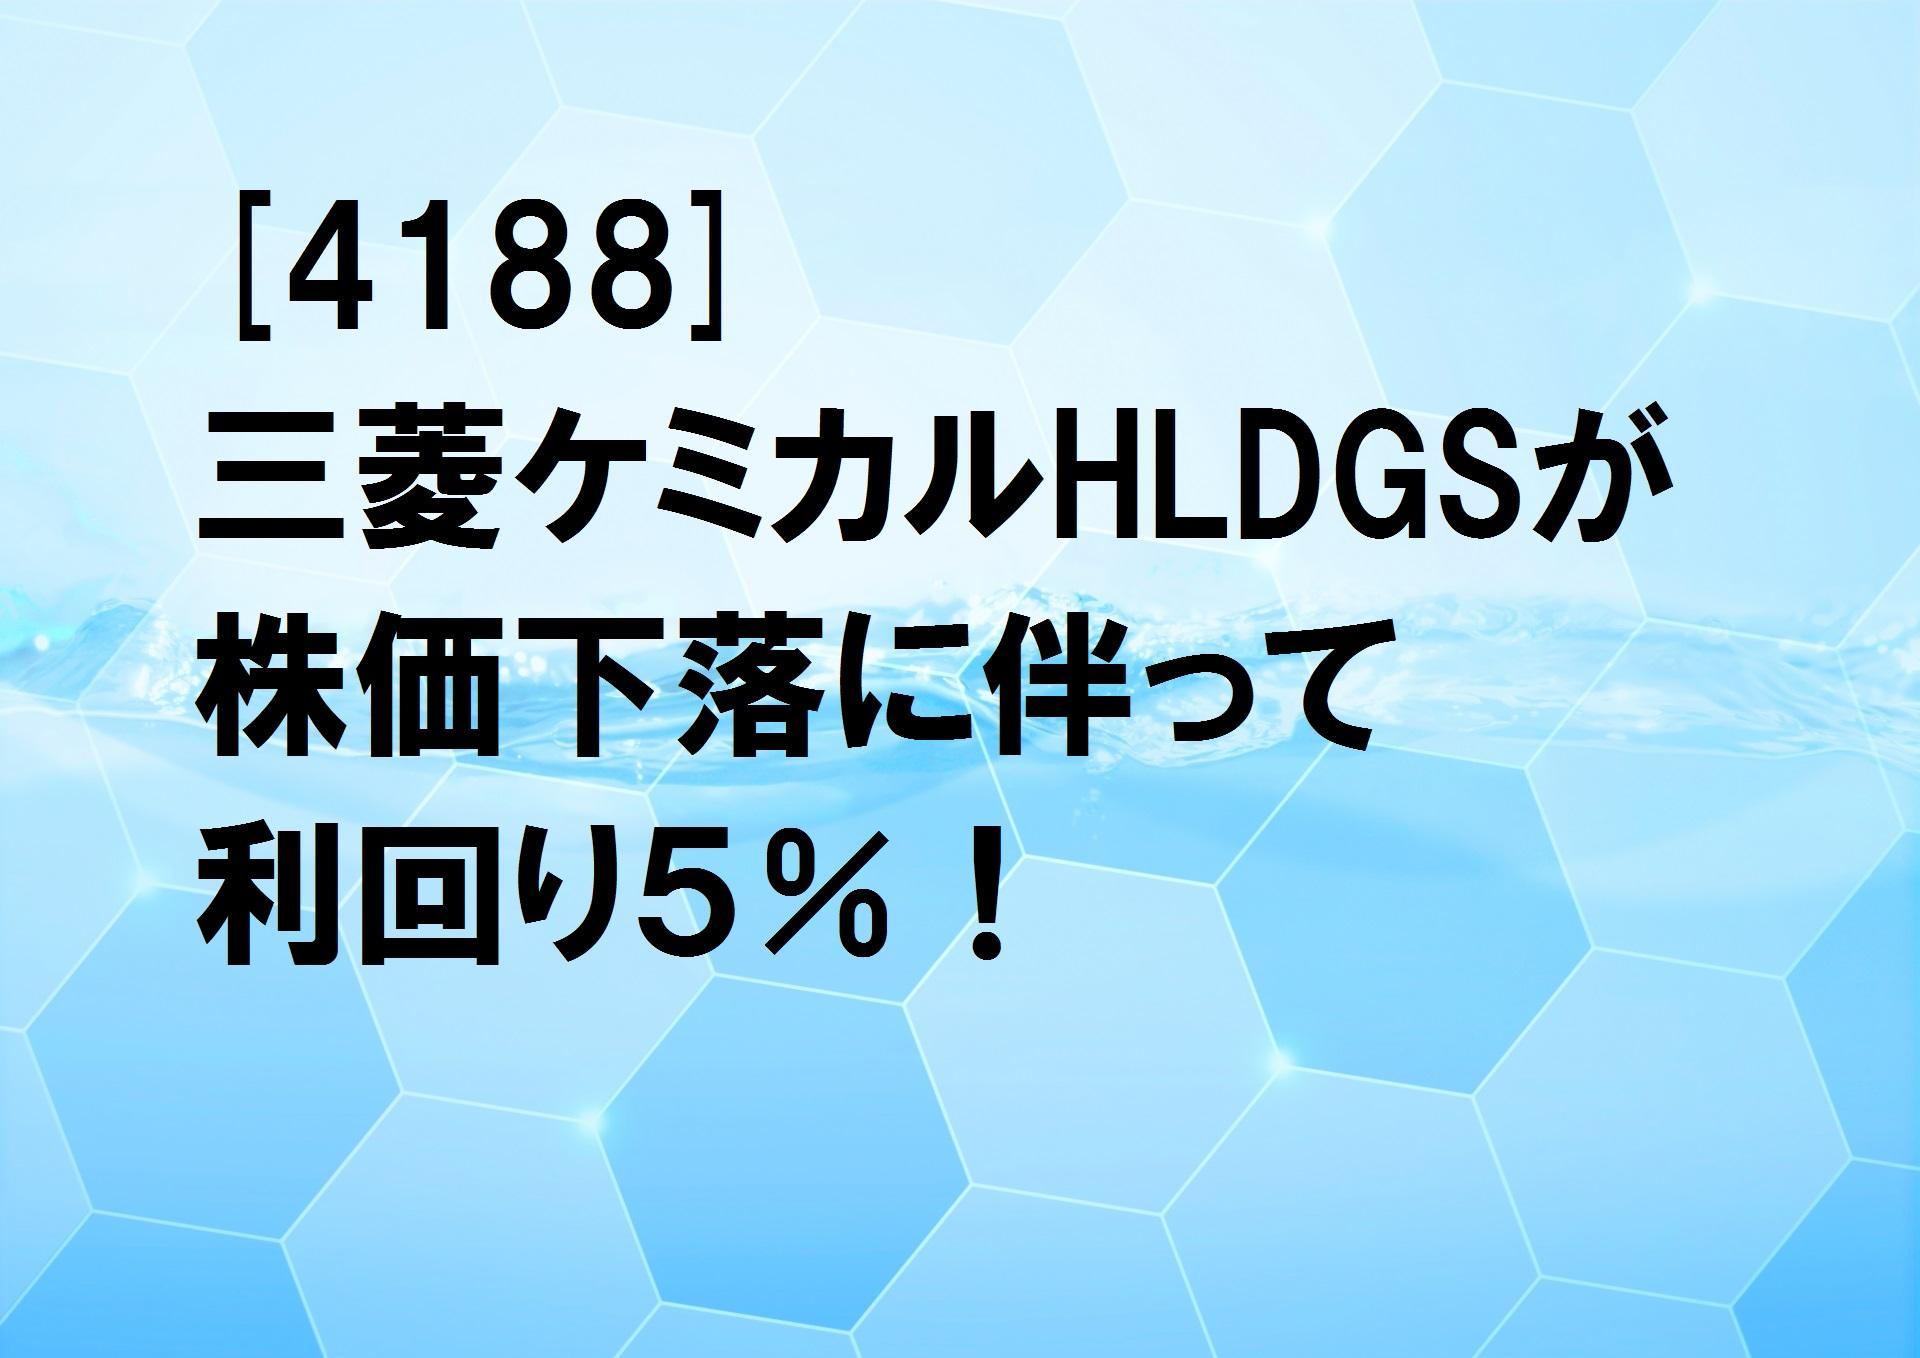 【高配当株】[4188]三菱ケミカルホールディングスが株価下落に伴って利回り5%!